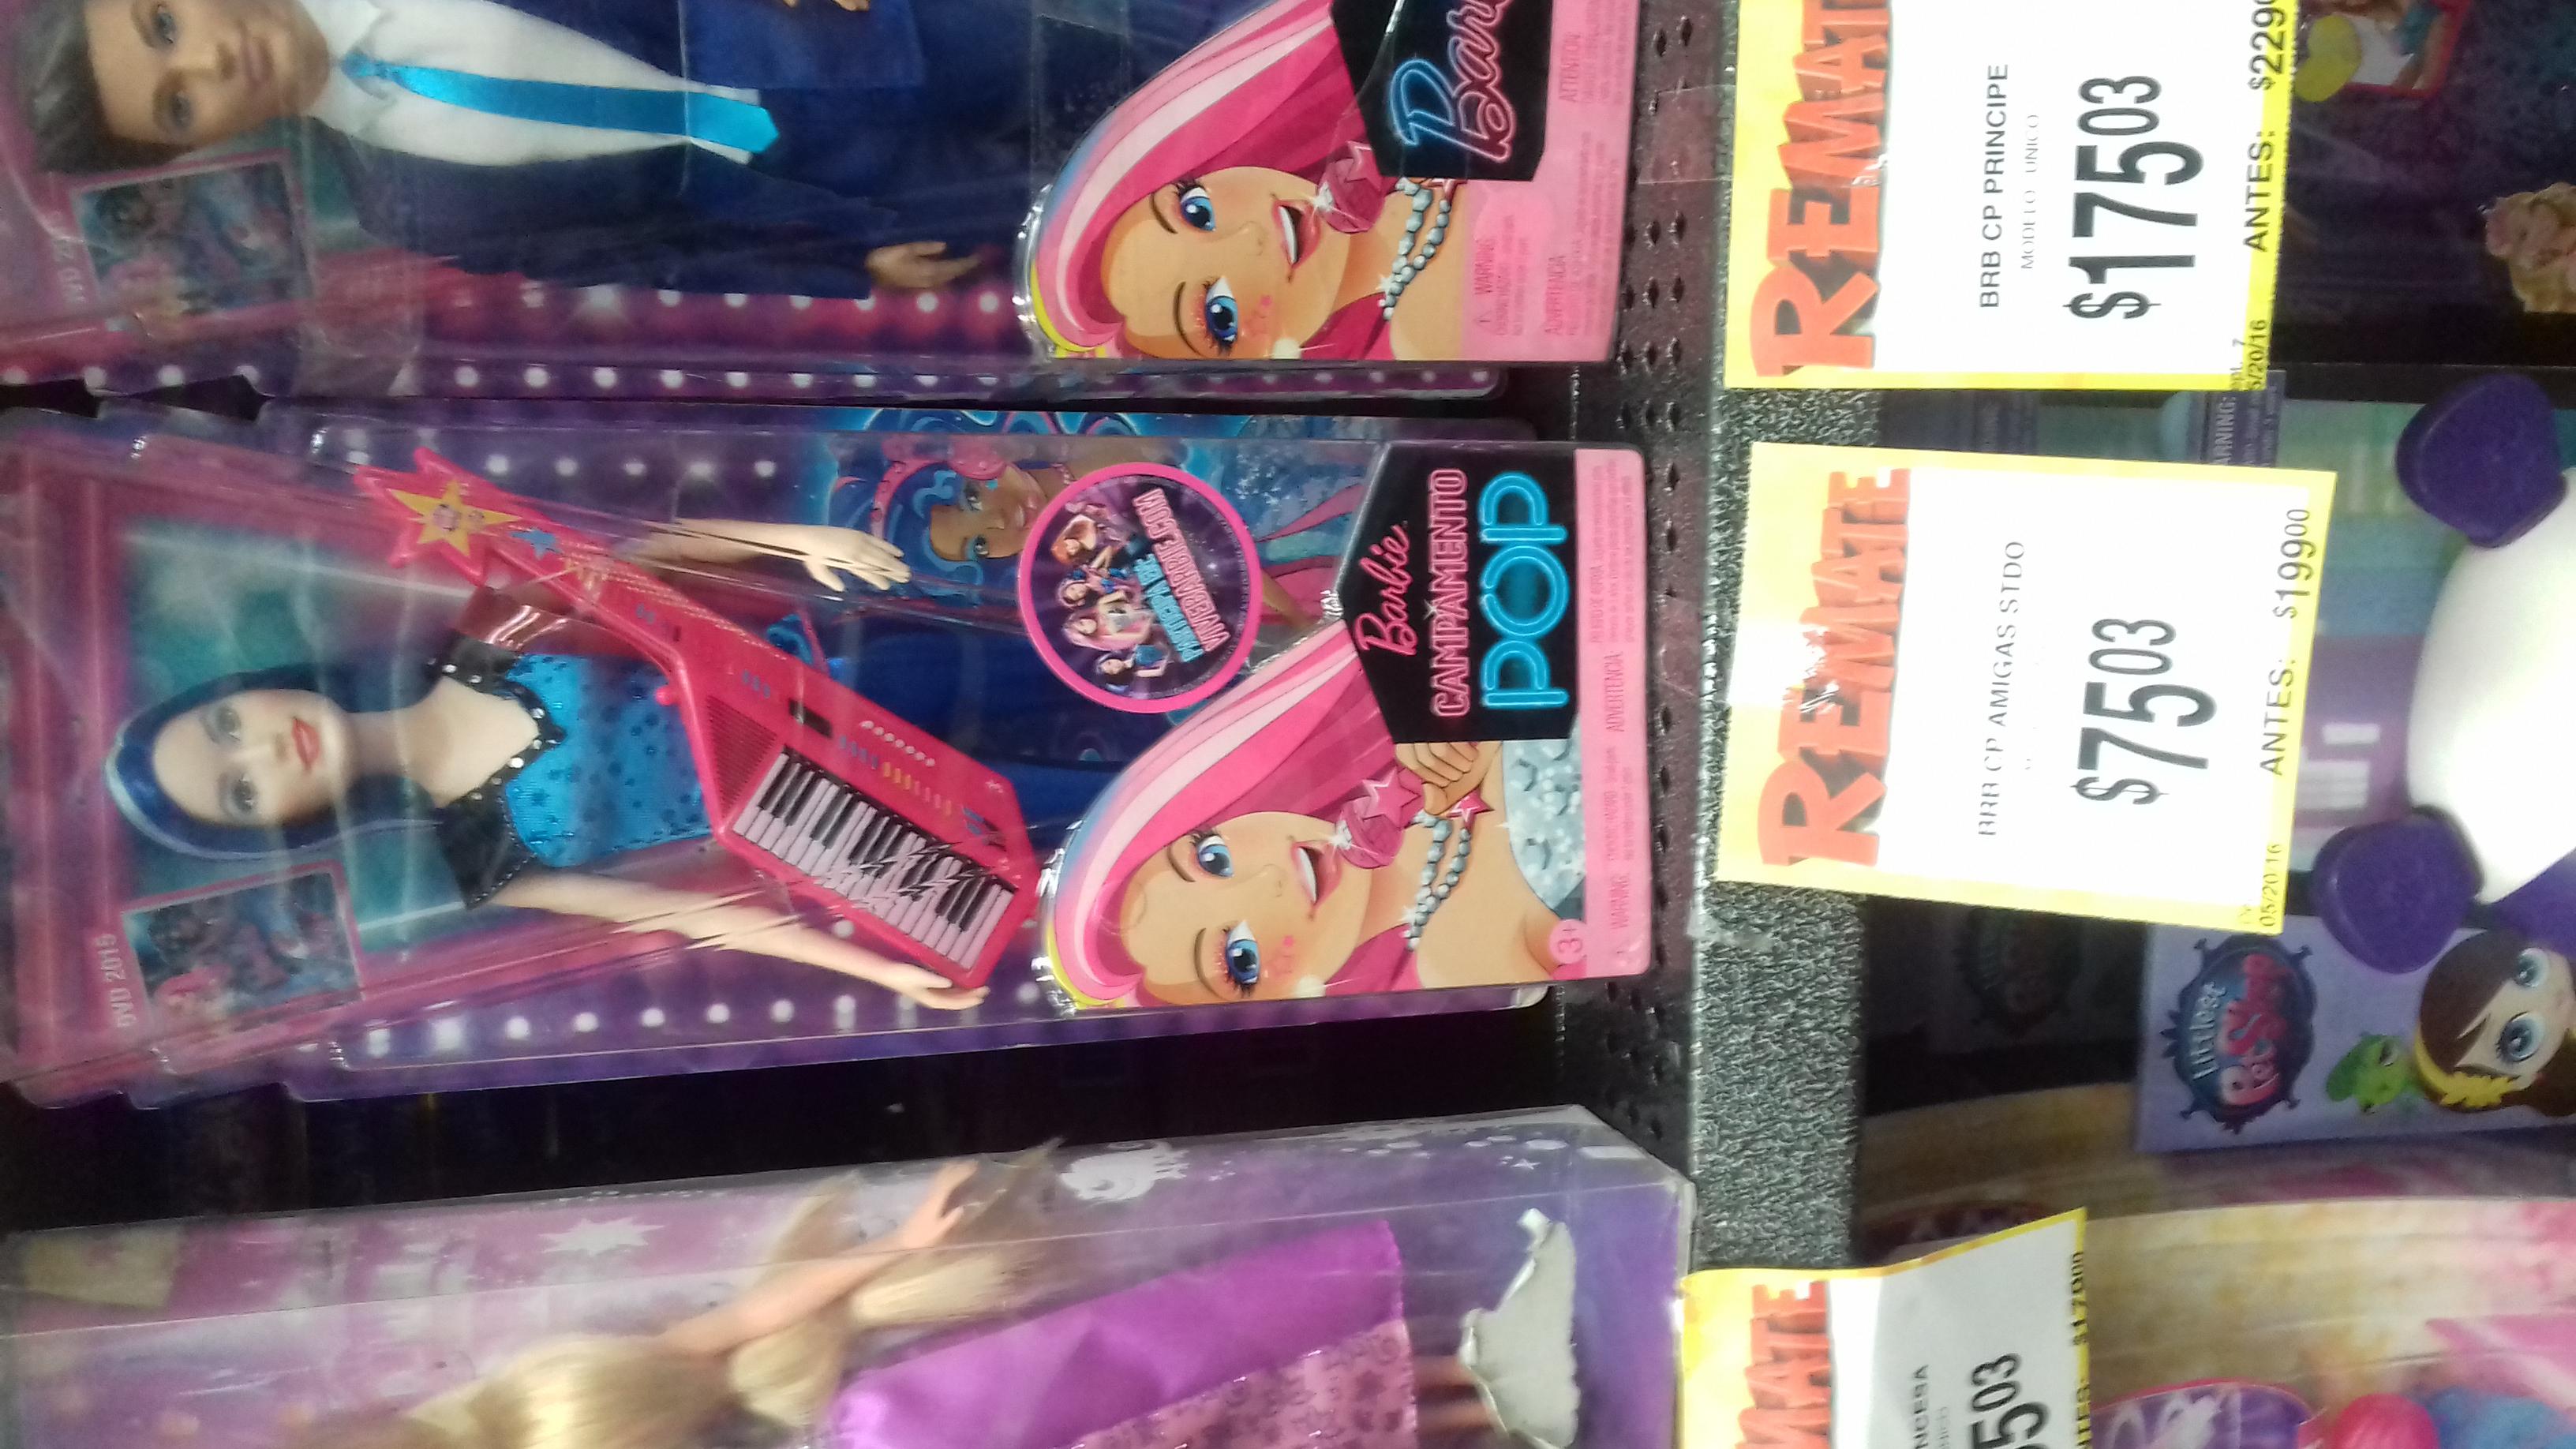 Bodega Aurrerá: Amigas Barbie campamento pop de $199.00 a $75.03